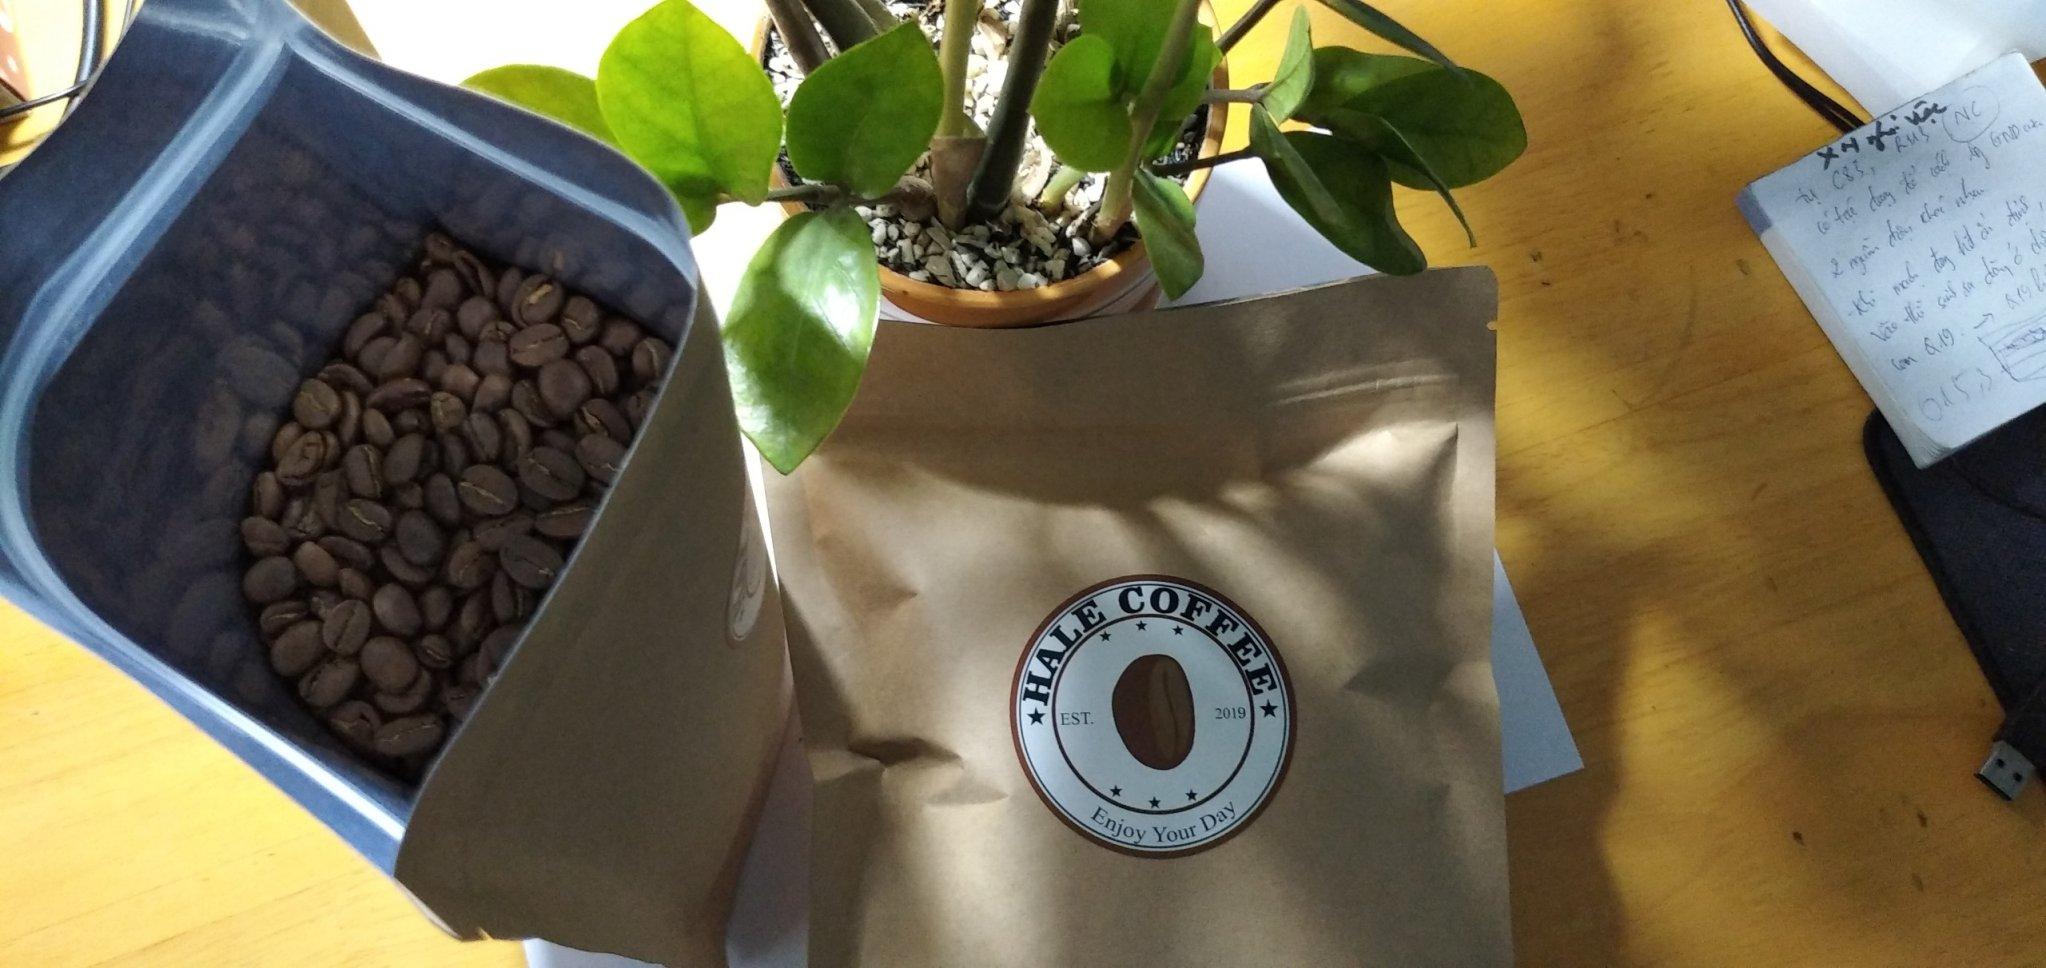 HaLe Coffee tìm đại lý cà phê rang xay nguyên chất